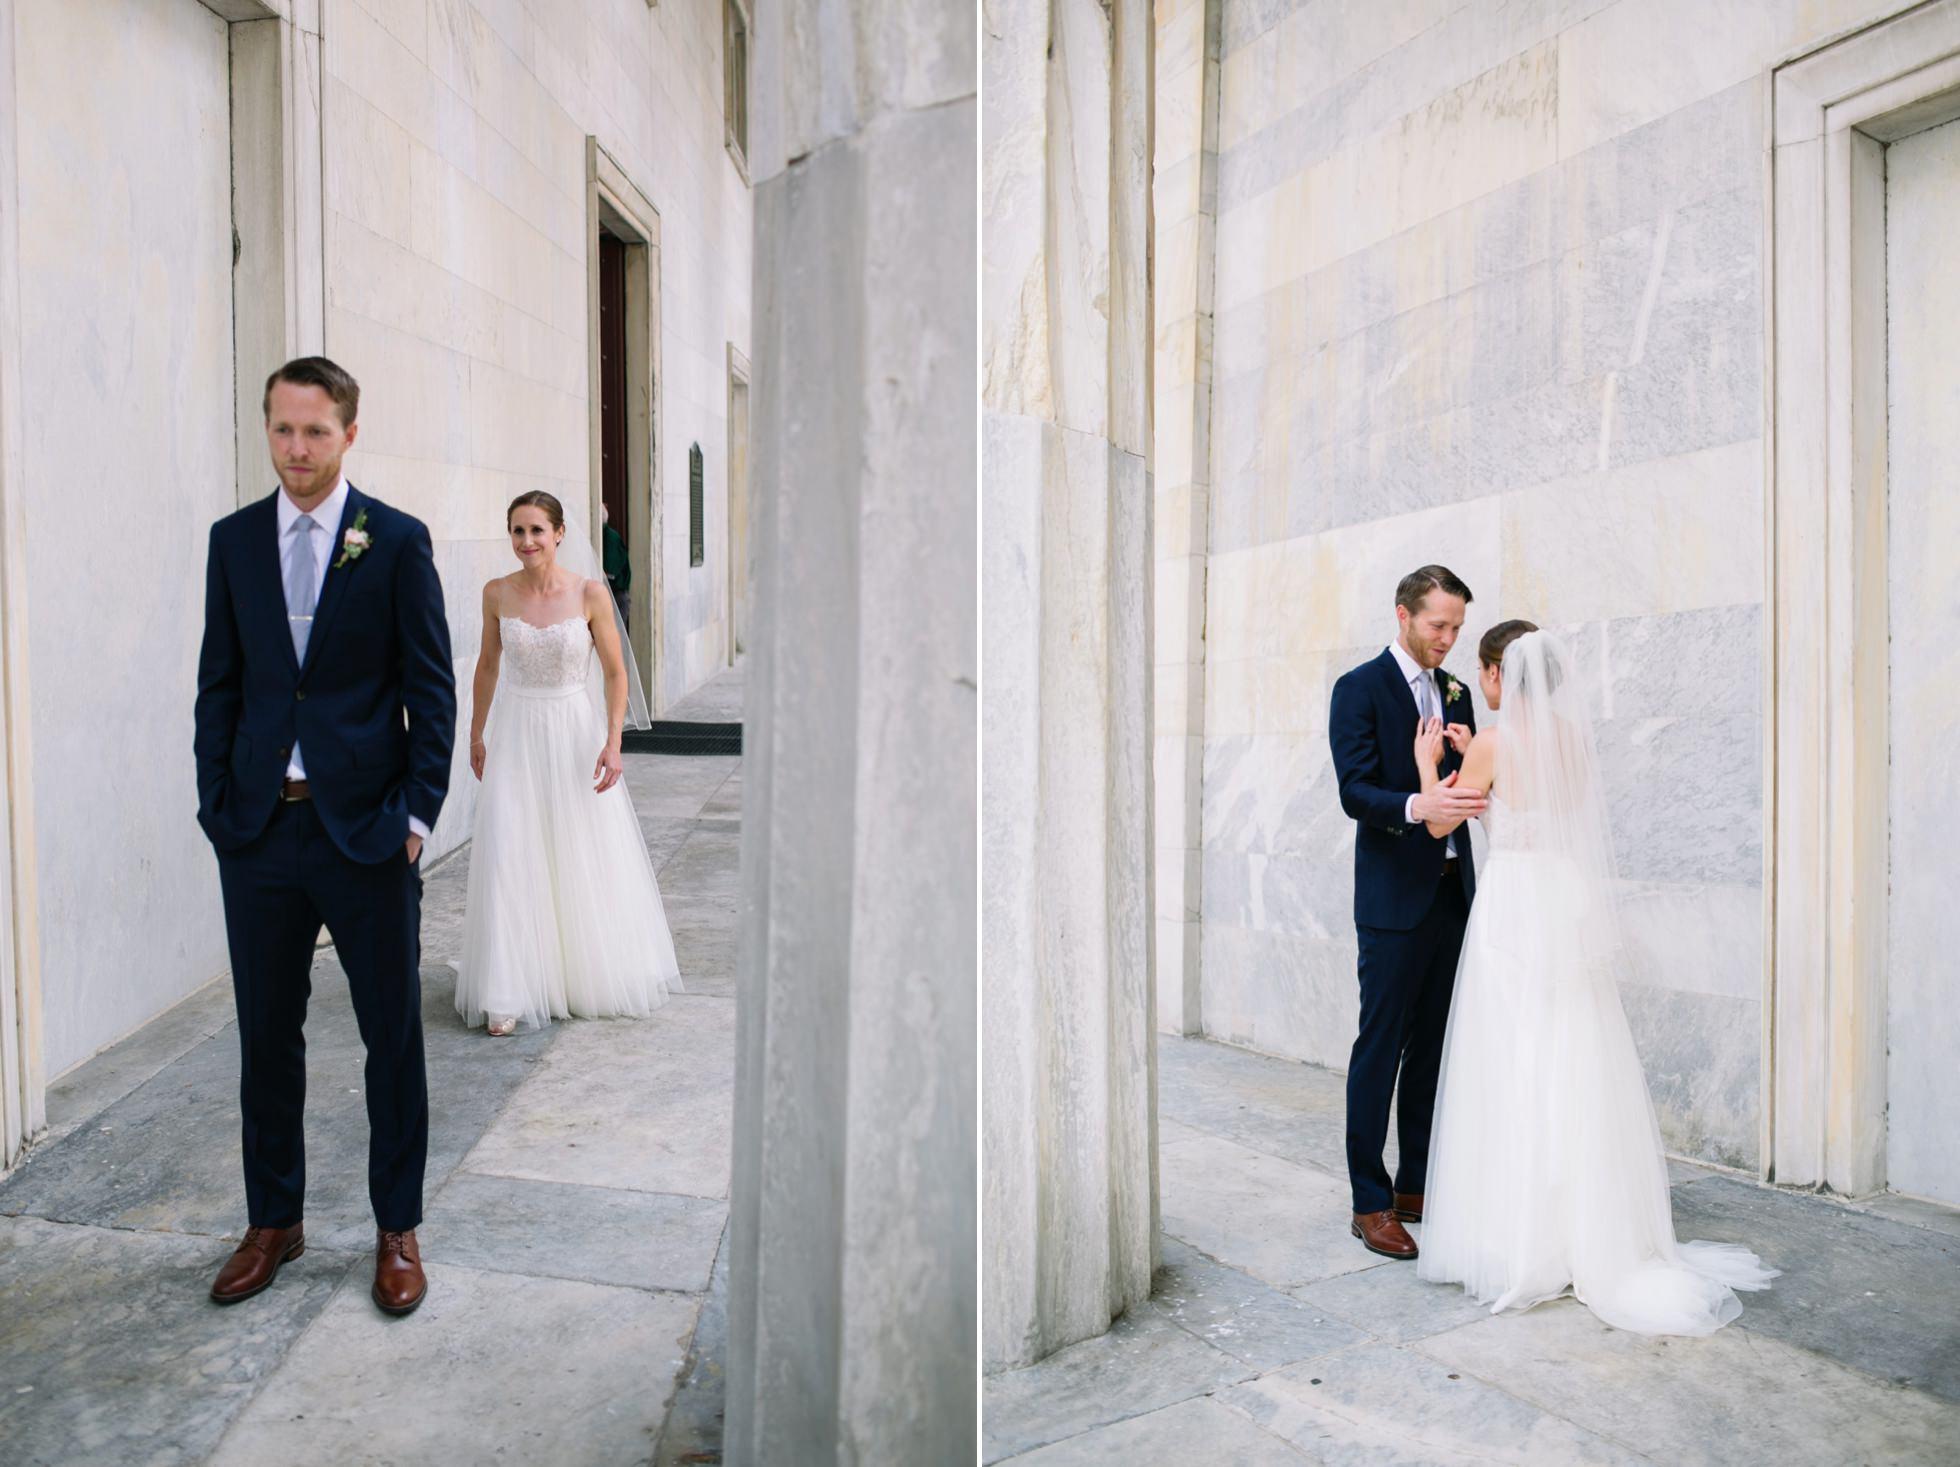 Romantic Bartram's Garden Outdoor Summer Wedding, Philadelphia | brittneyraine.com 021